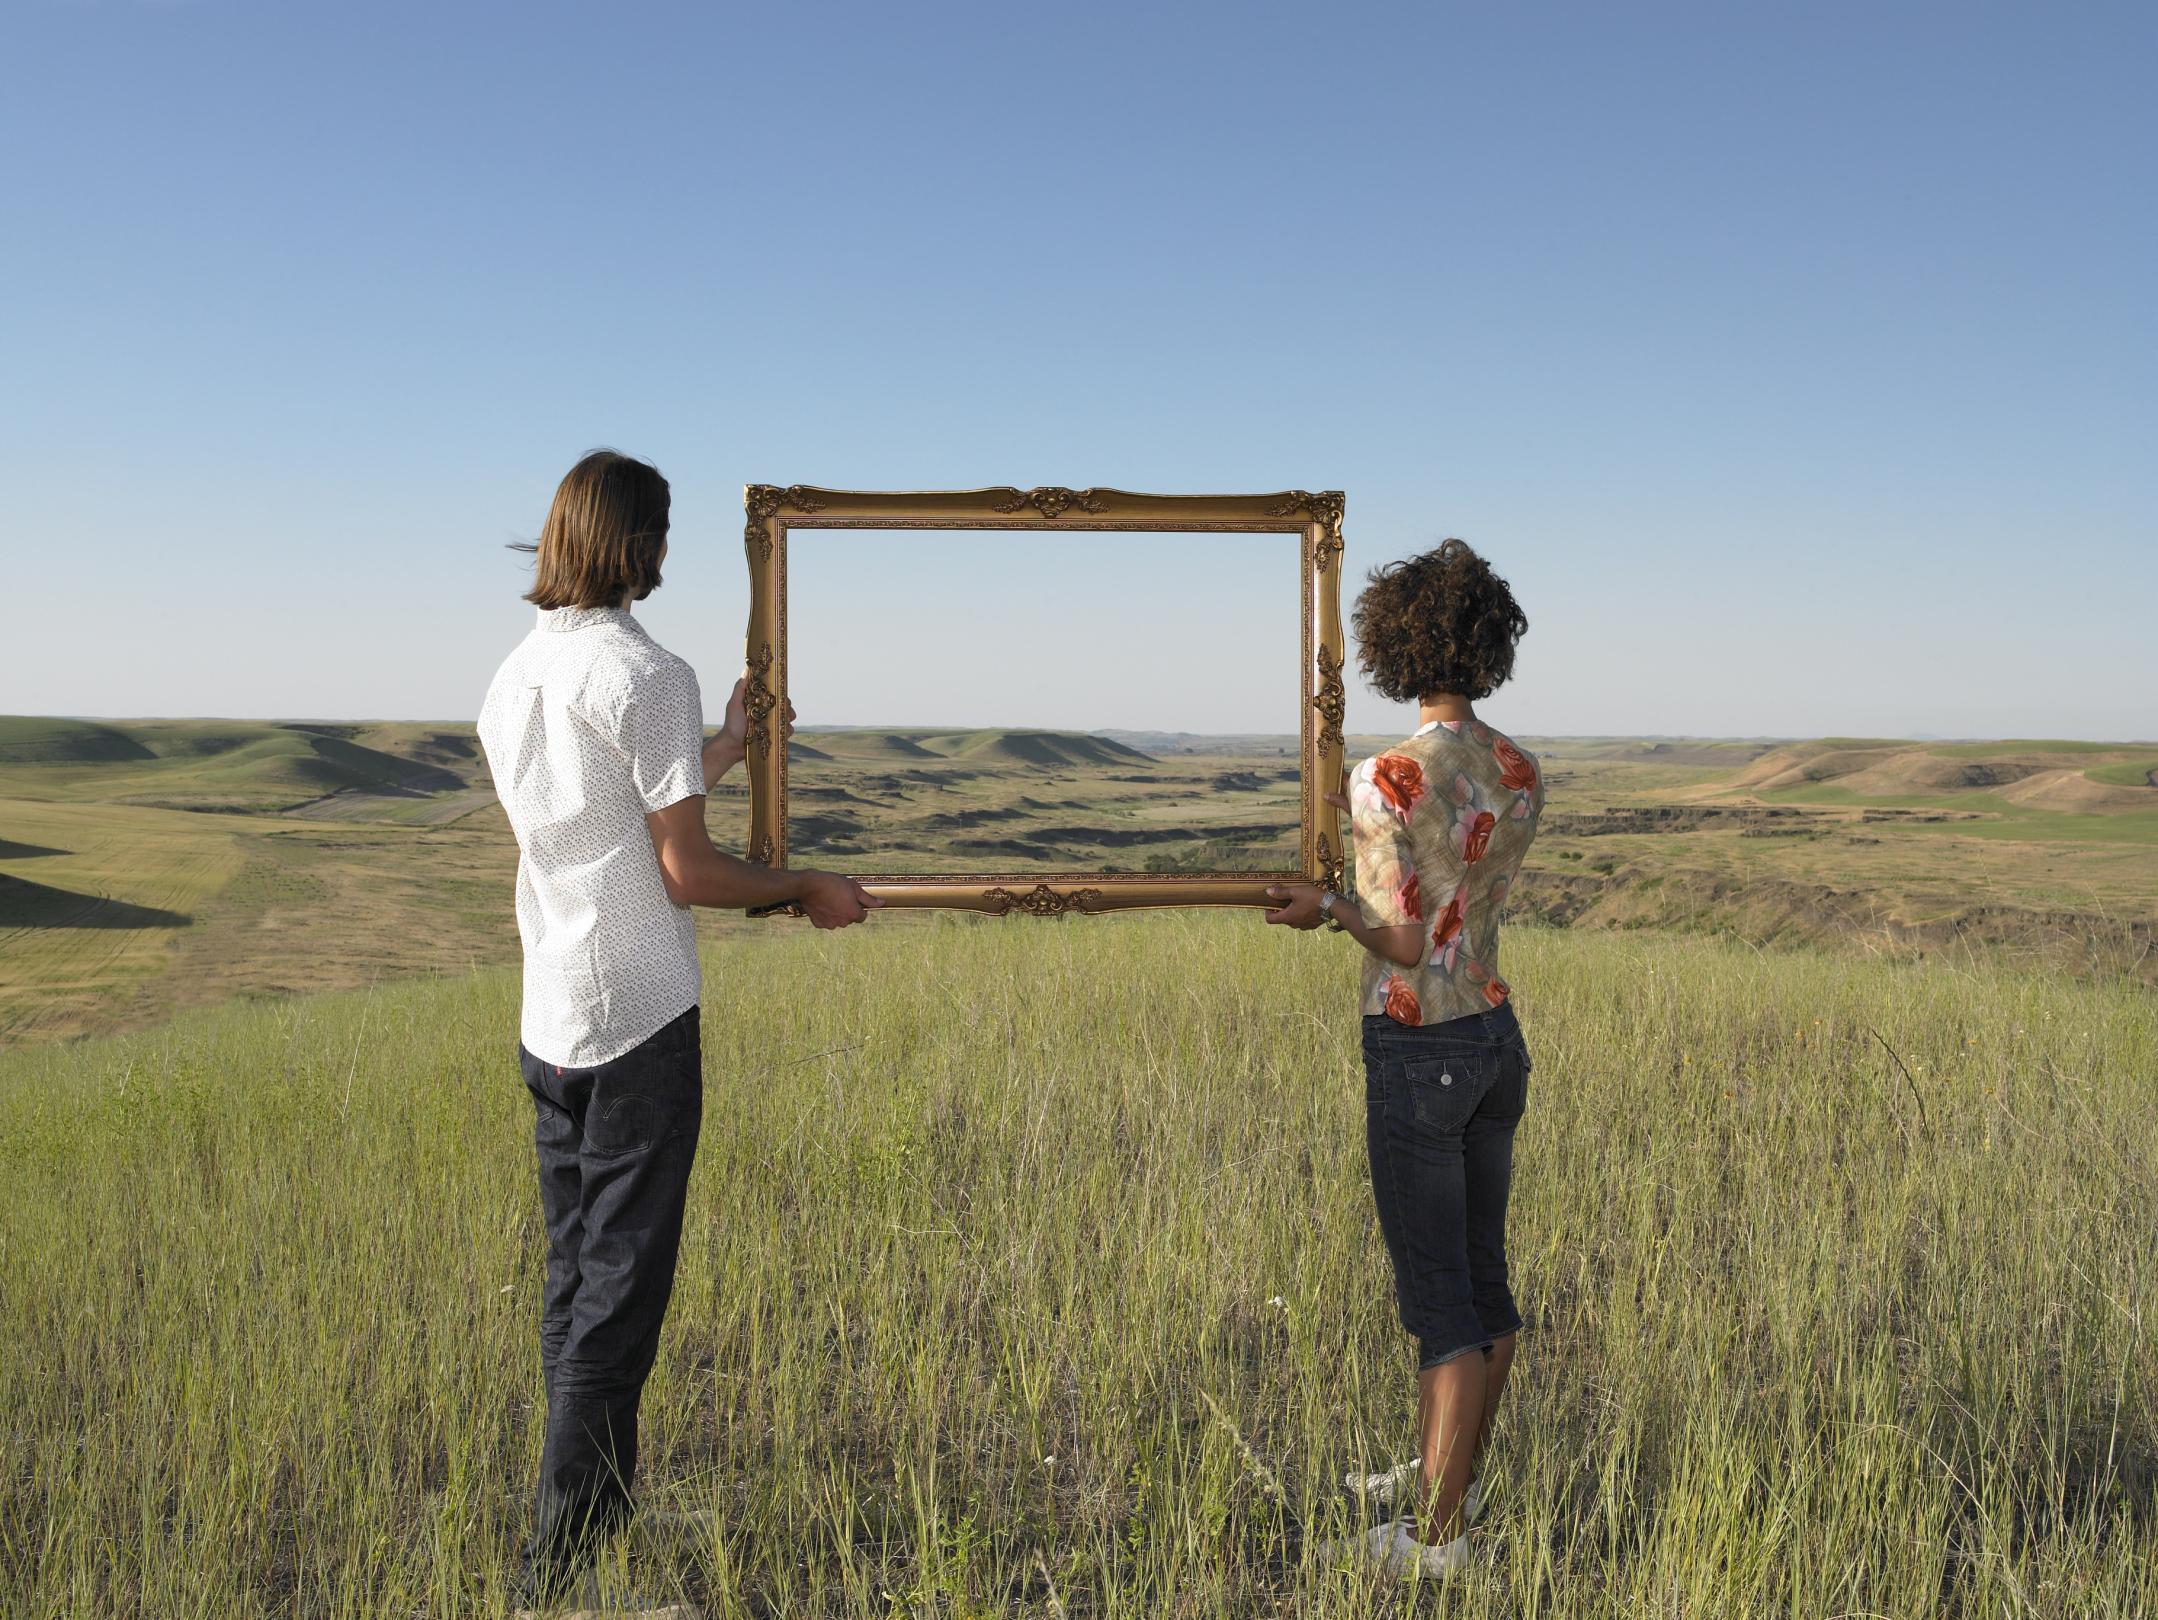 Cuáles son los tamaños de marcos para fotografías? |